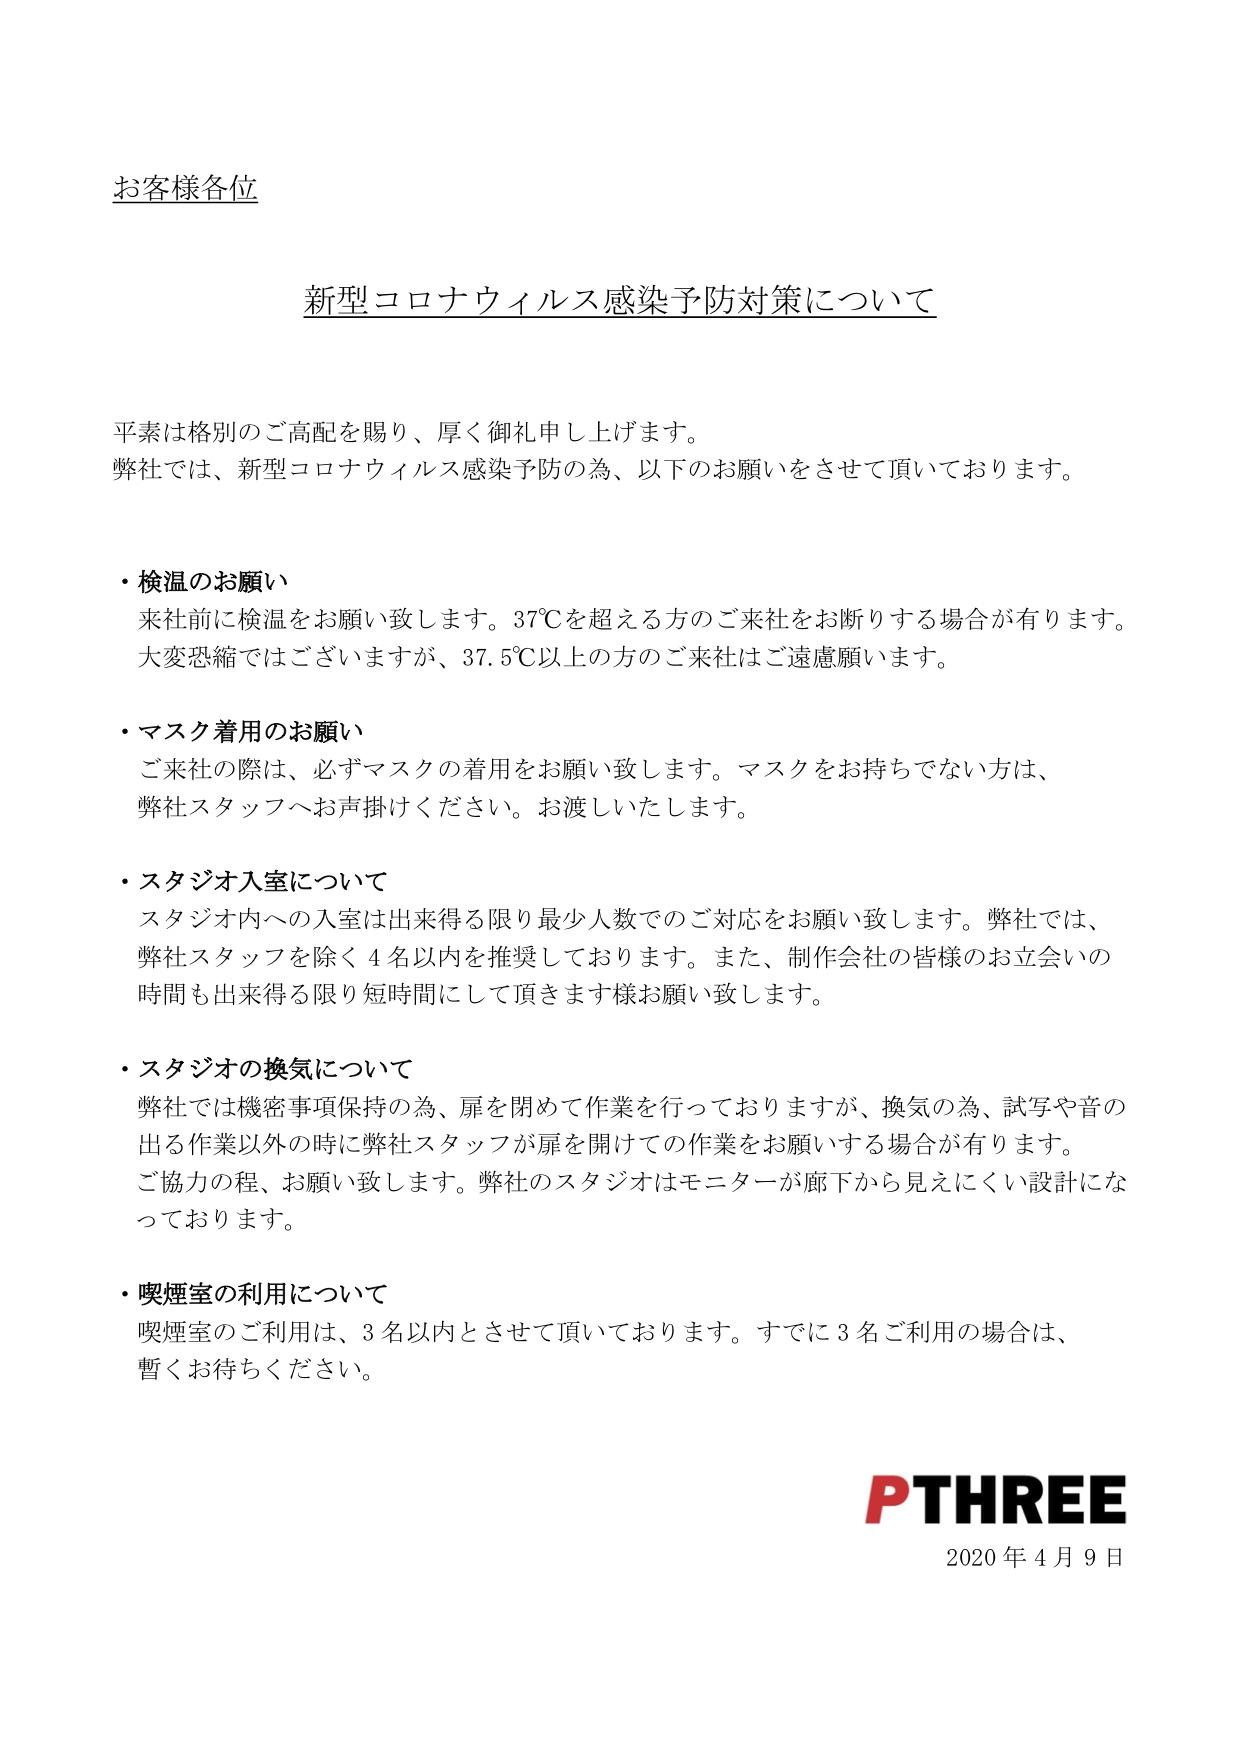 お客様コロナ対応4.9.2